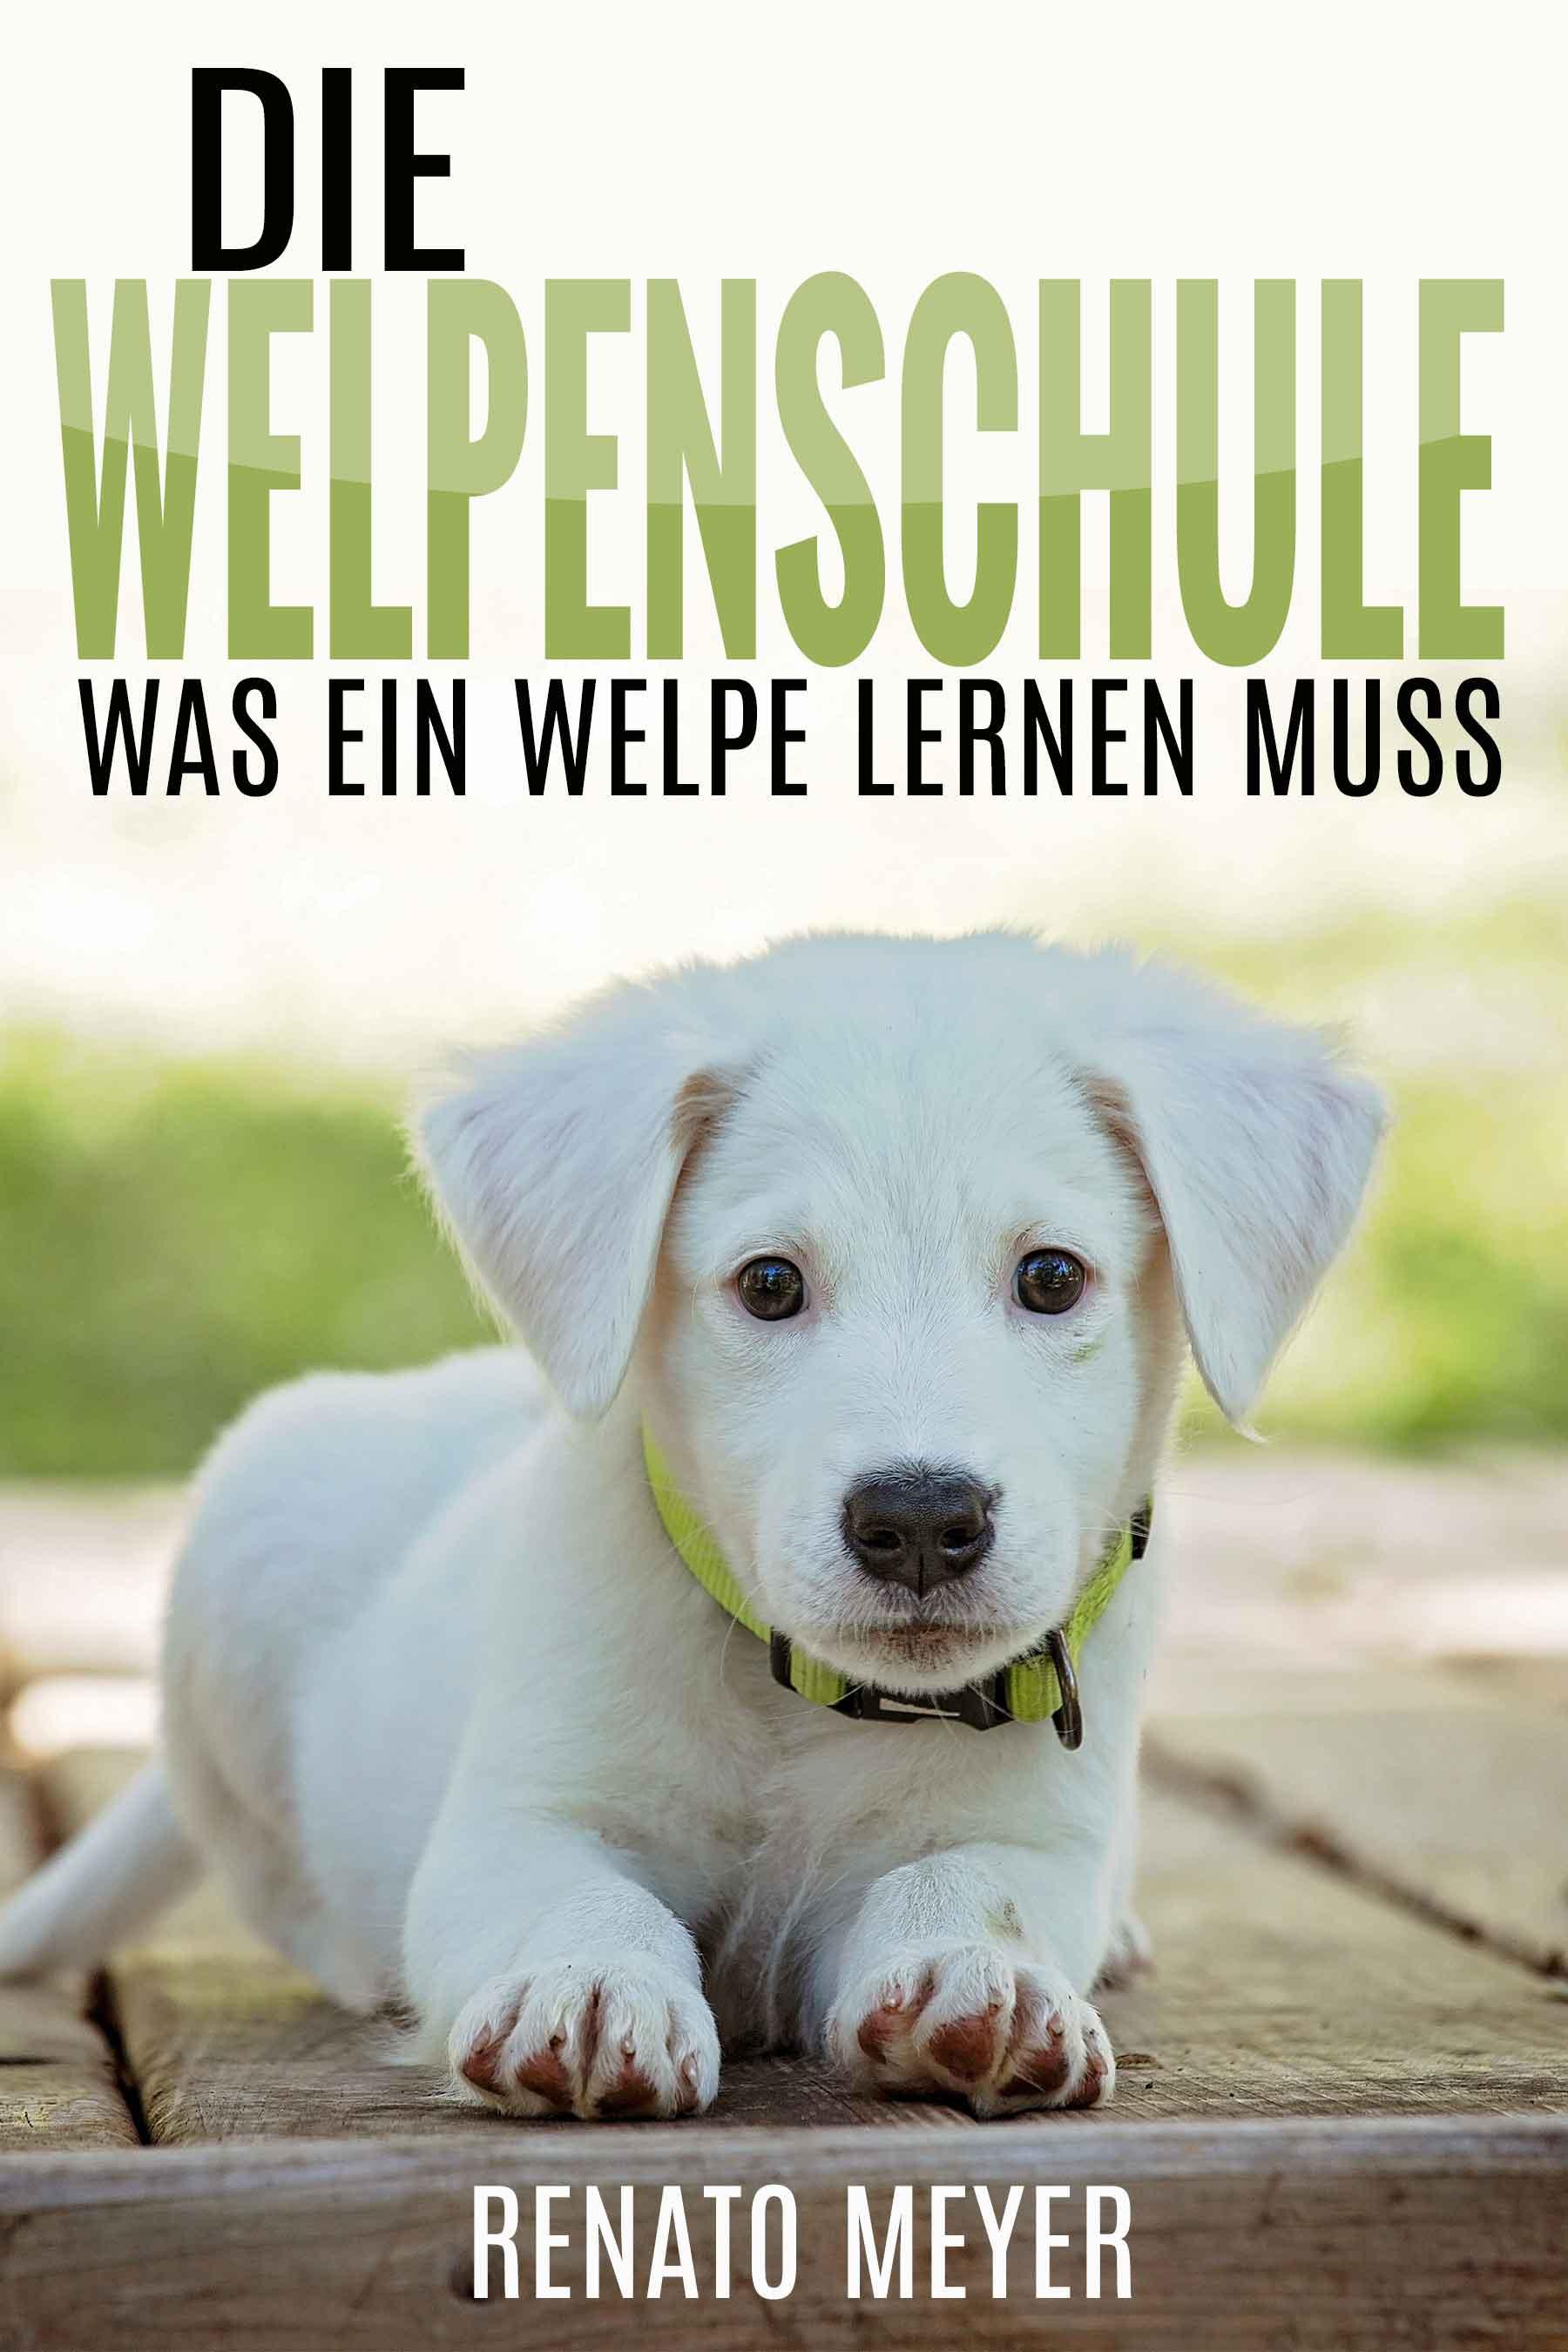 Welpenschule Cover